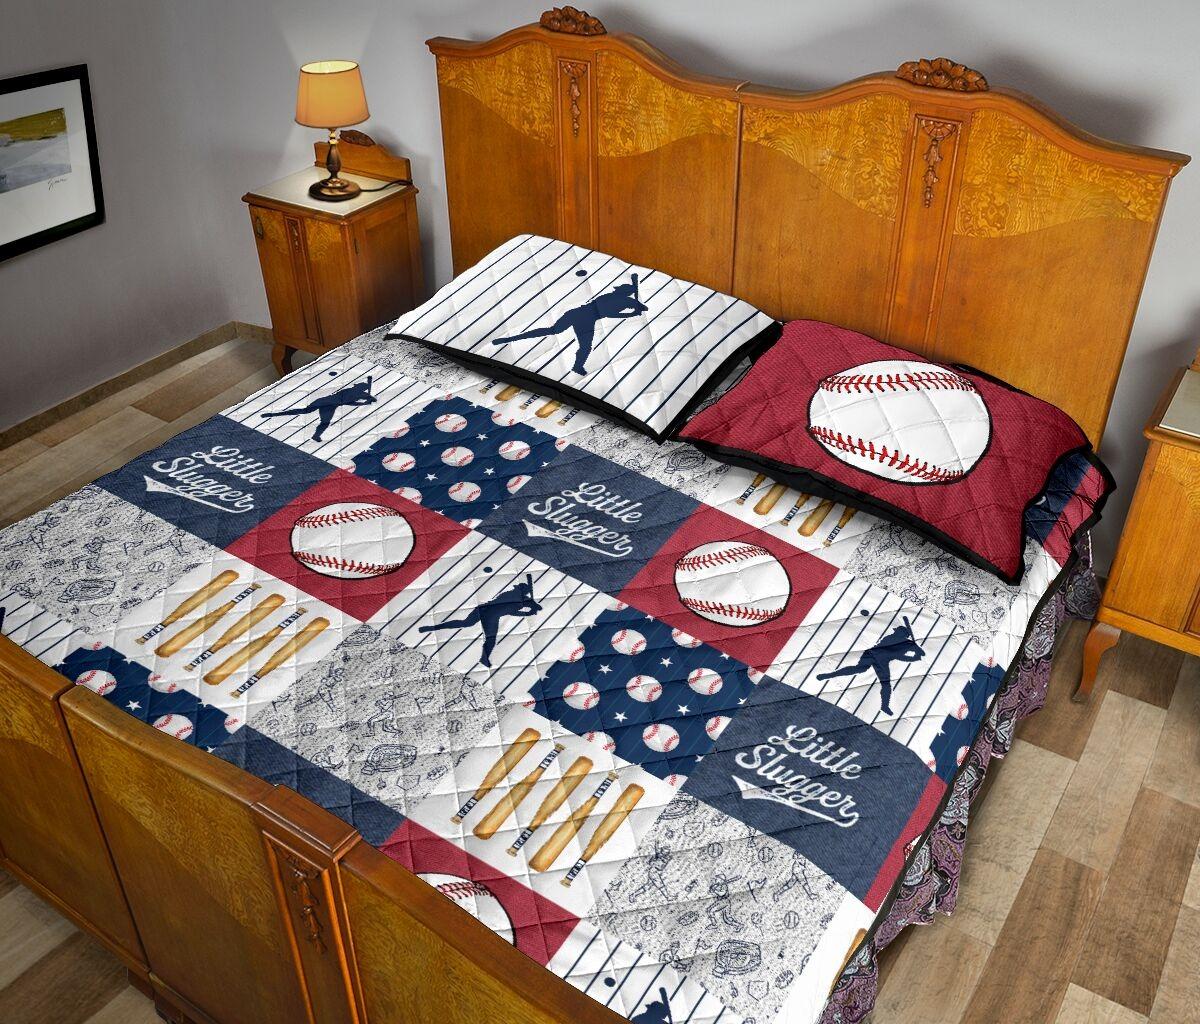 Baseball little slugger quilt bedding set 10